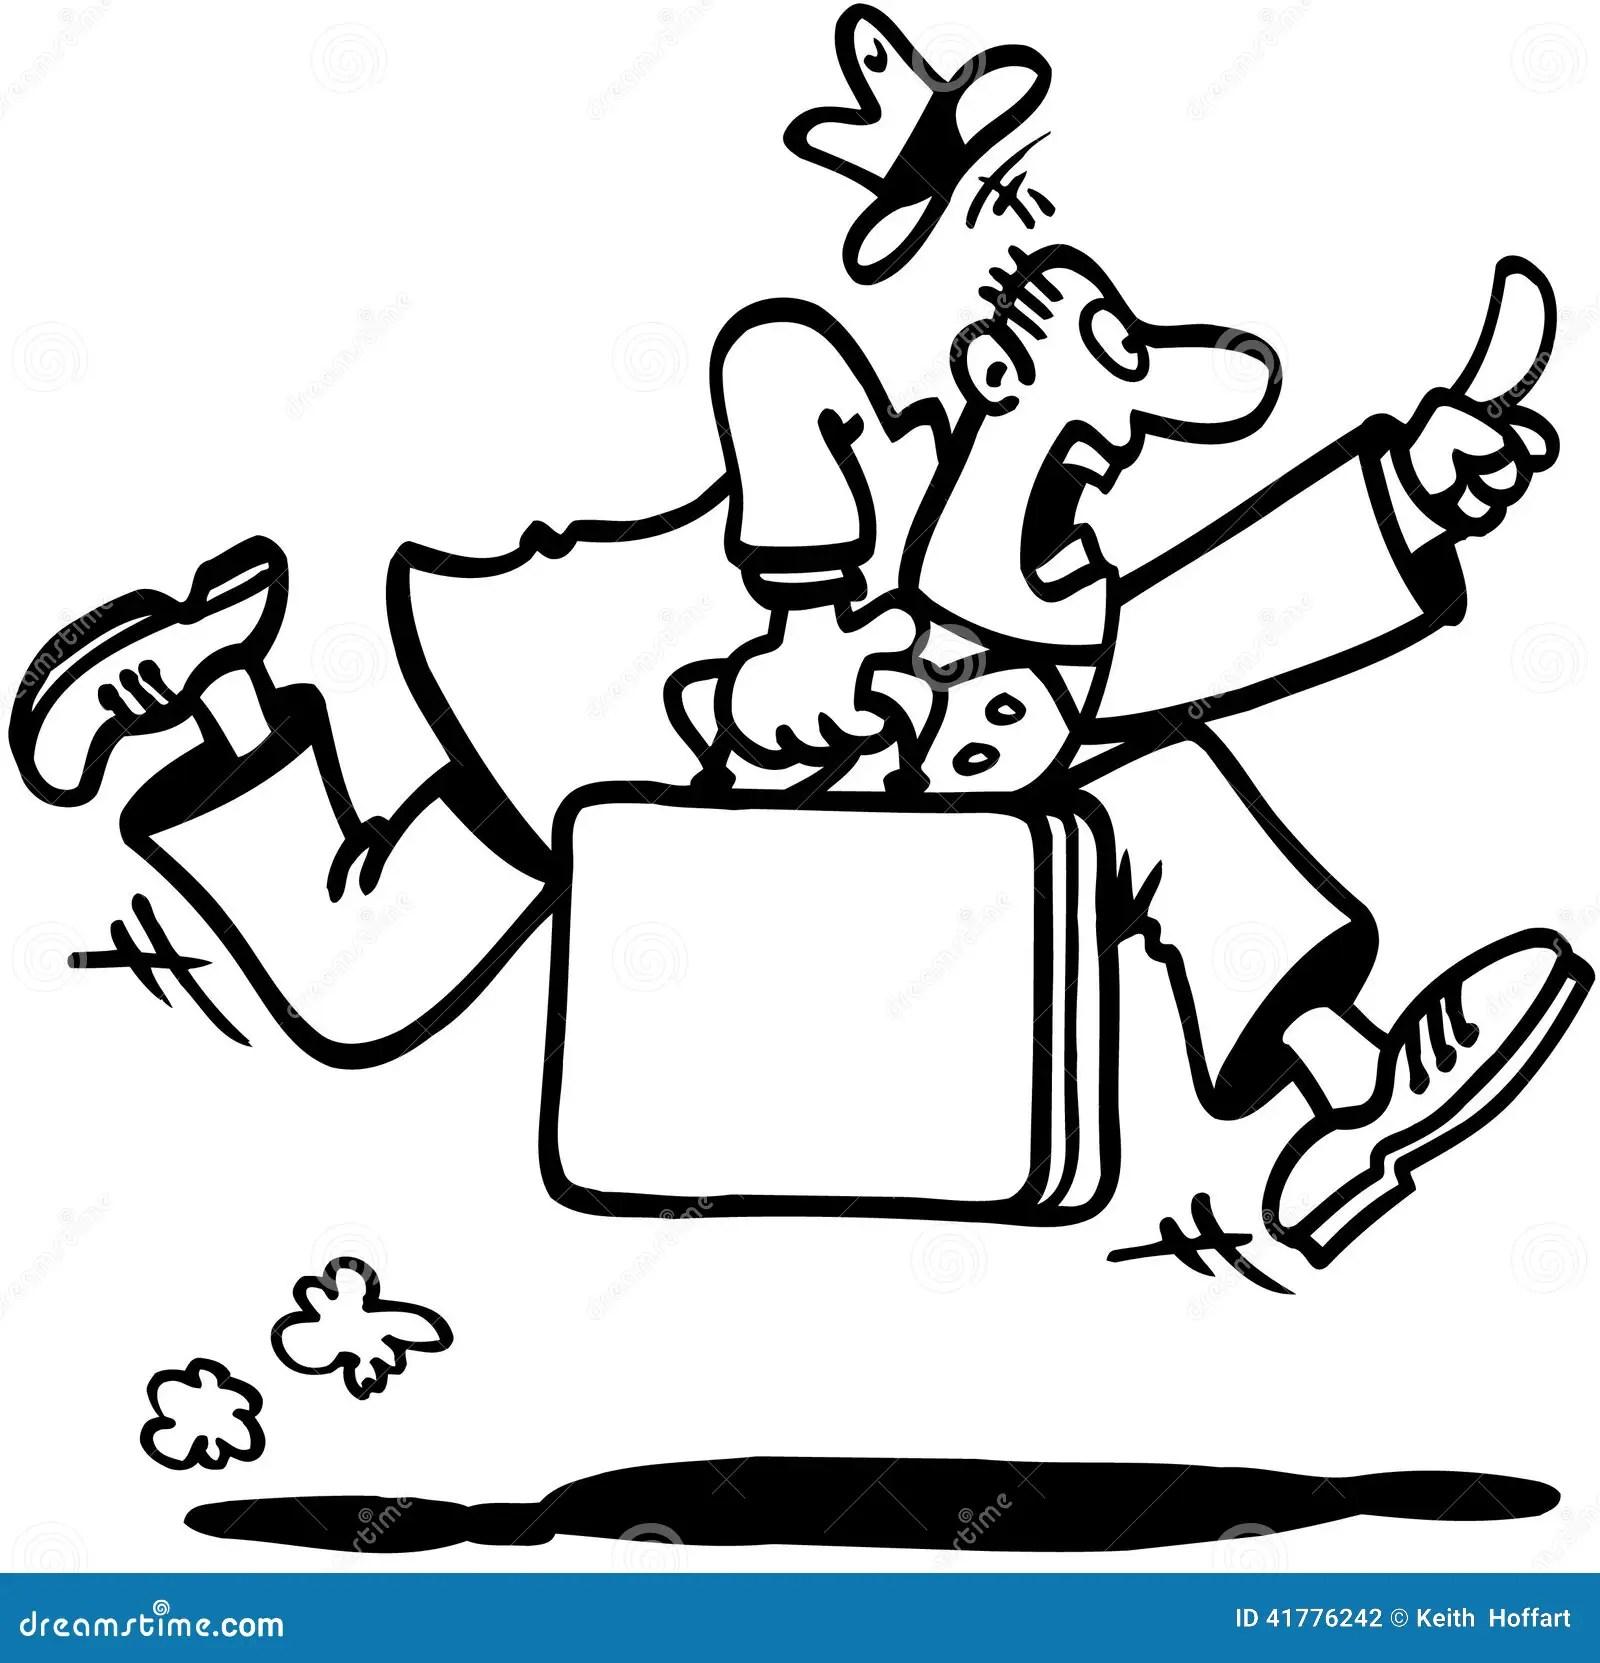 Business Man Running Cartoon Design Vector Clipart Stock